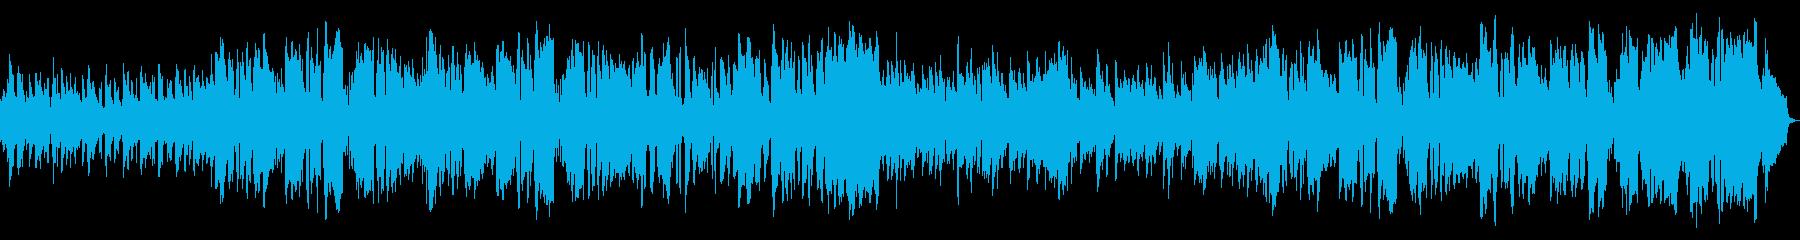 7/10なJazzの再生済みの波形